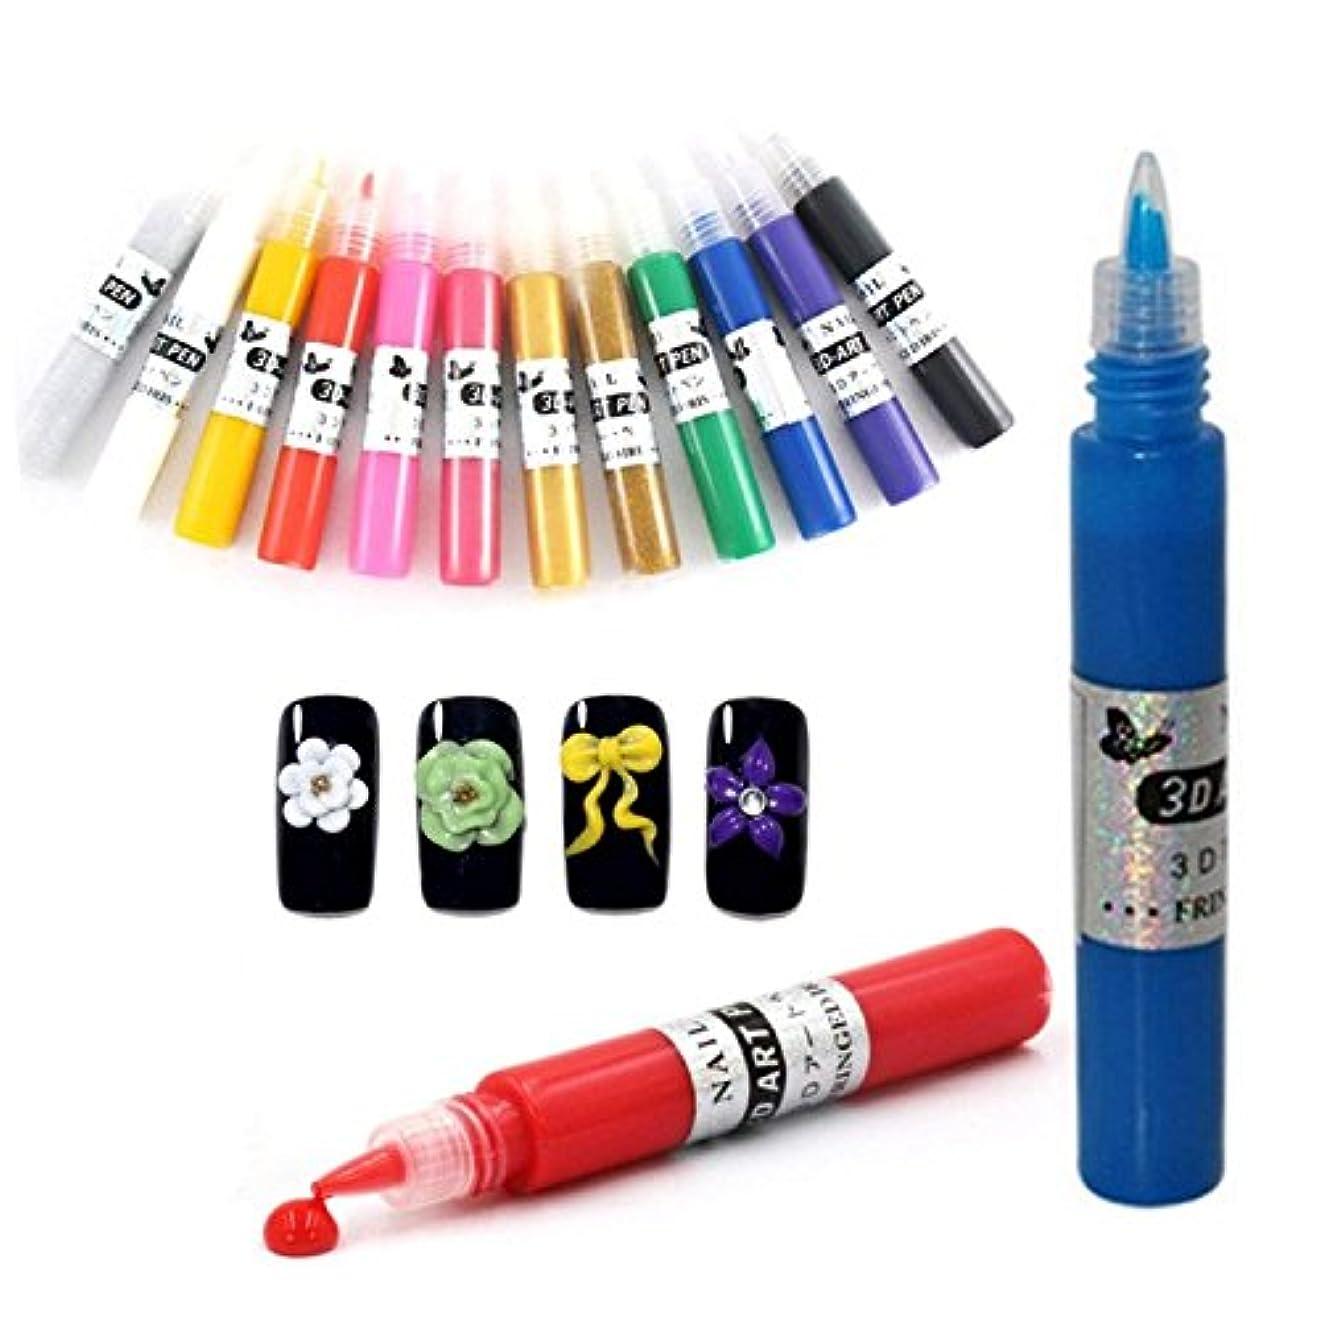 通訳ミント名門ネイルアートペン  3Dネイルアートペン ネイルマニキュア液 ペイントペン DIY 12色